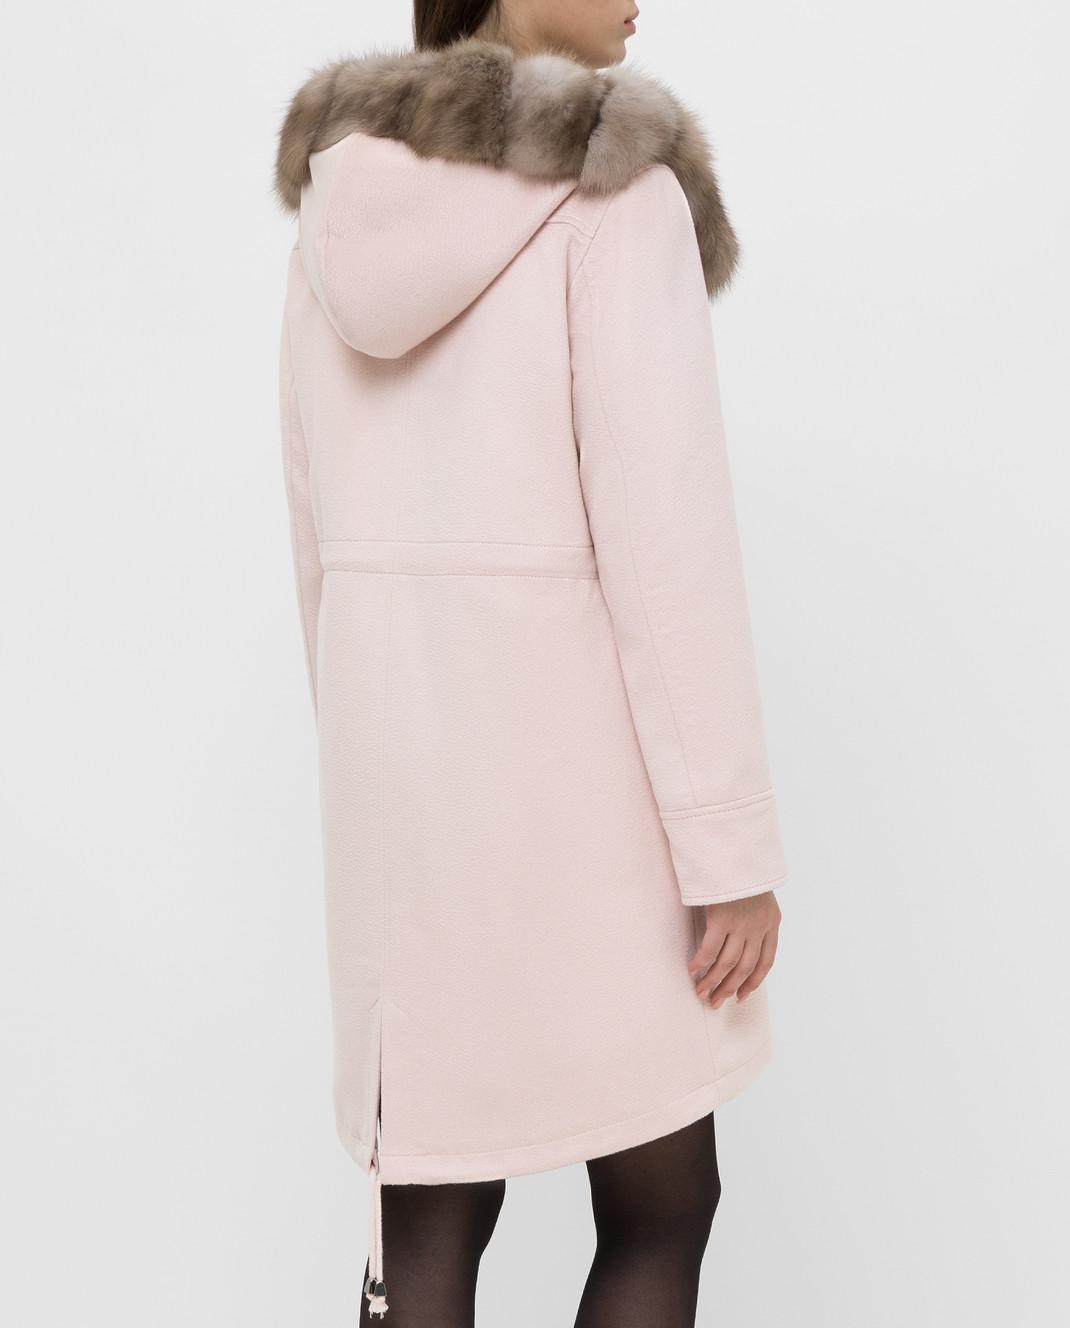 Real Furs House Светло-розовая парка из кашемира с мехом соболя изображение 4